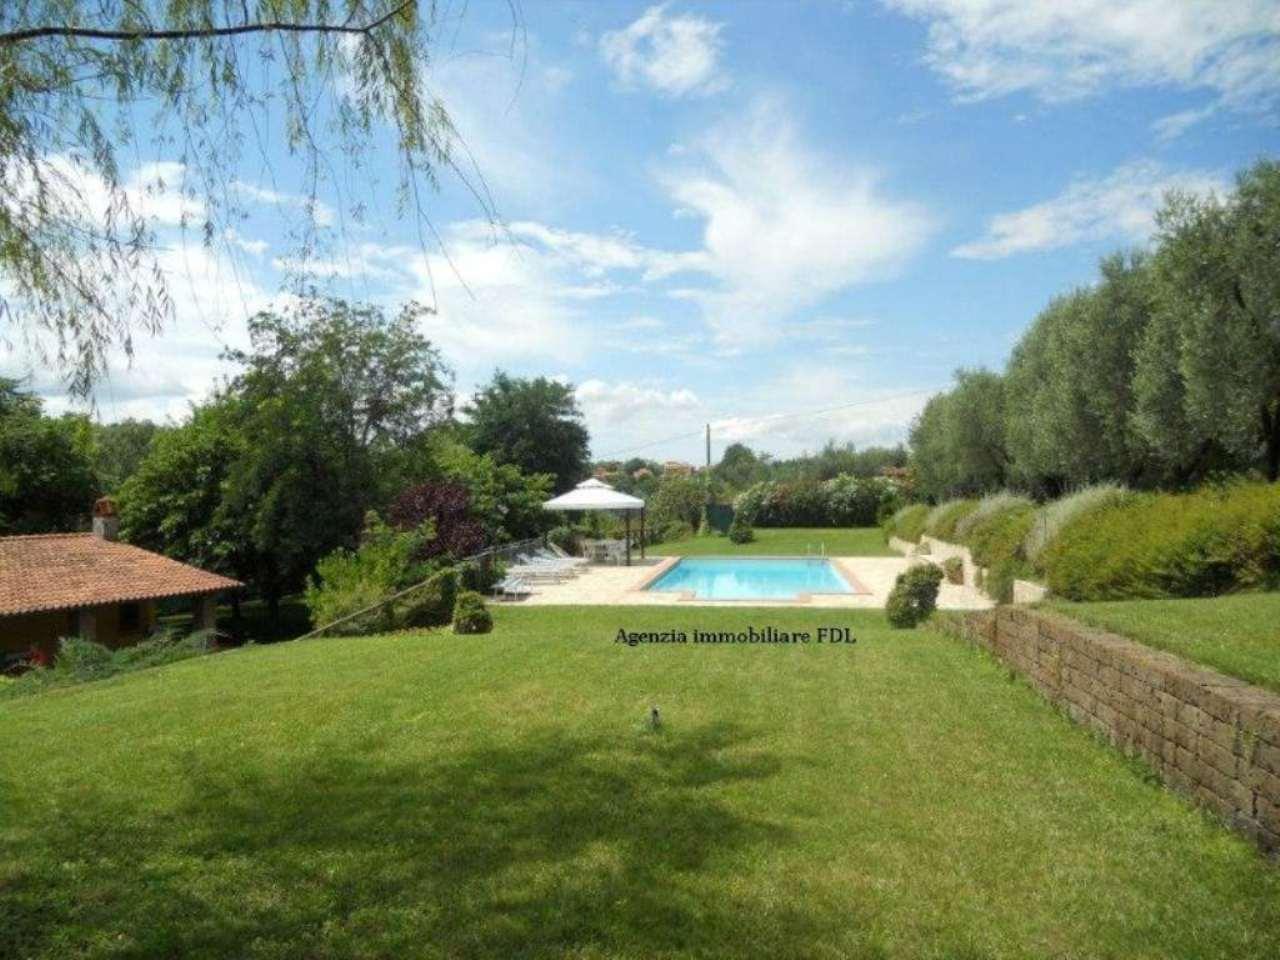 vendesi unifamiliare con piscina giardino e garargi ,costruita nuova pochi anni fà